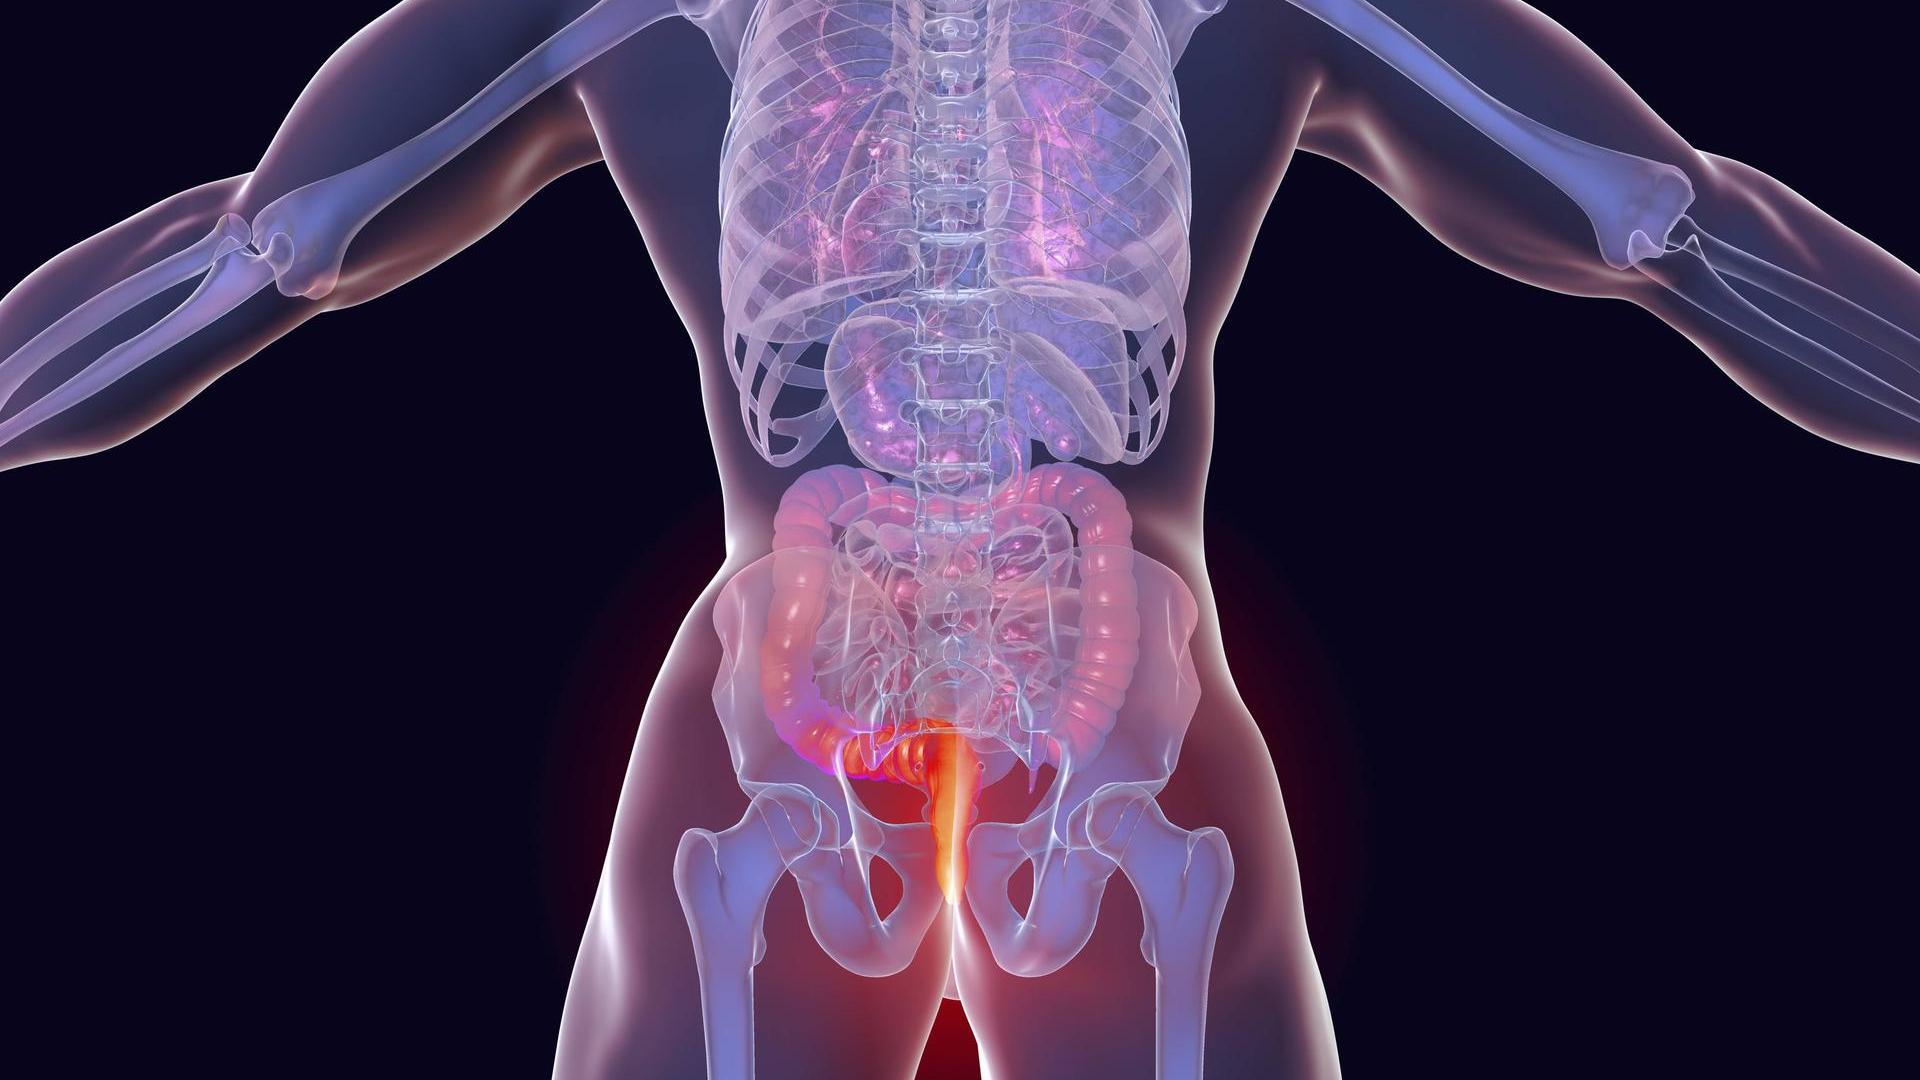 Καρκίνος του πρωκτού, μία σοβαρή νόσος του πρωκτού